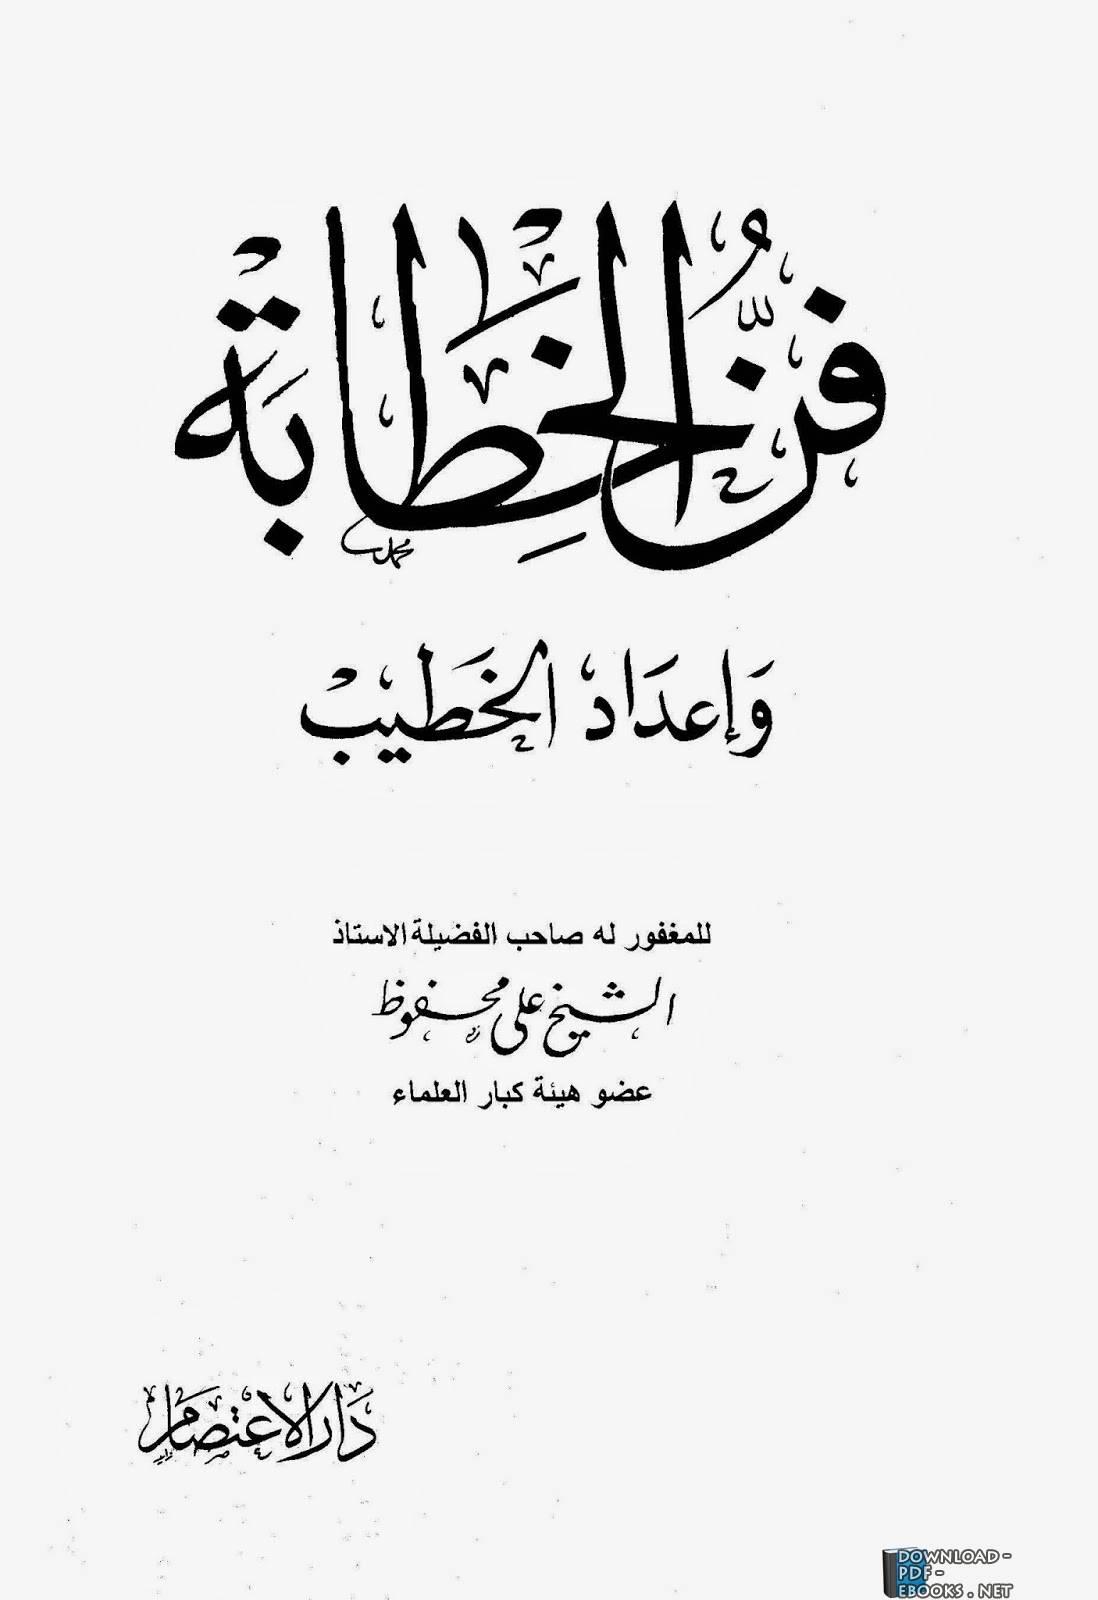 ❞ كتاب فن الخطابة وإعداد الخطيب ❝